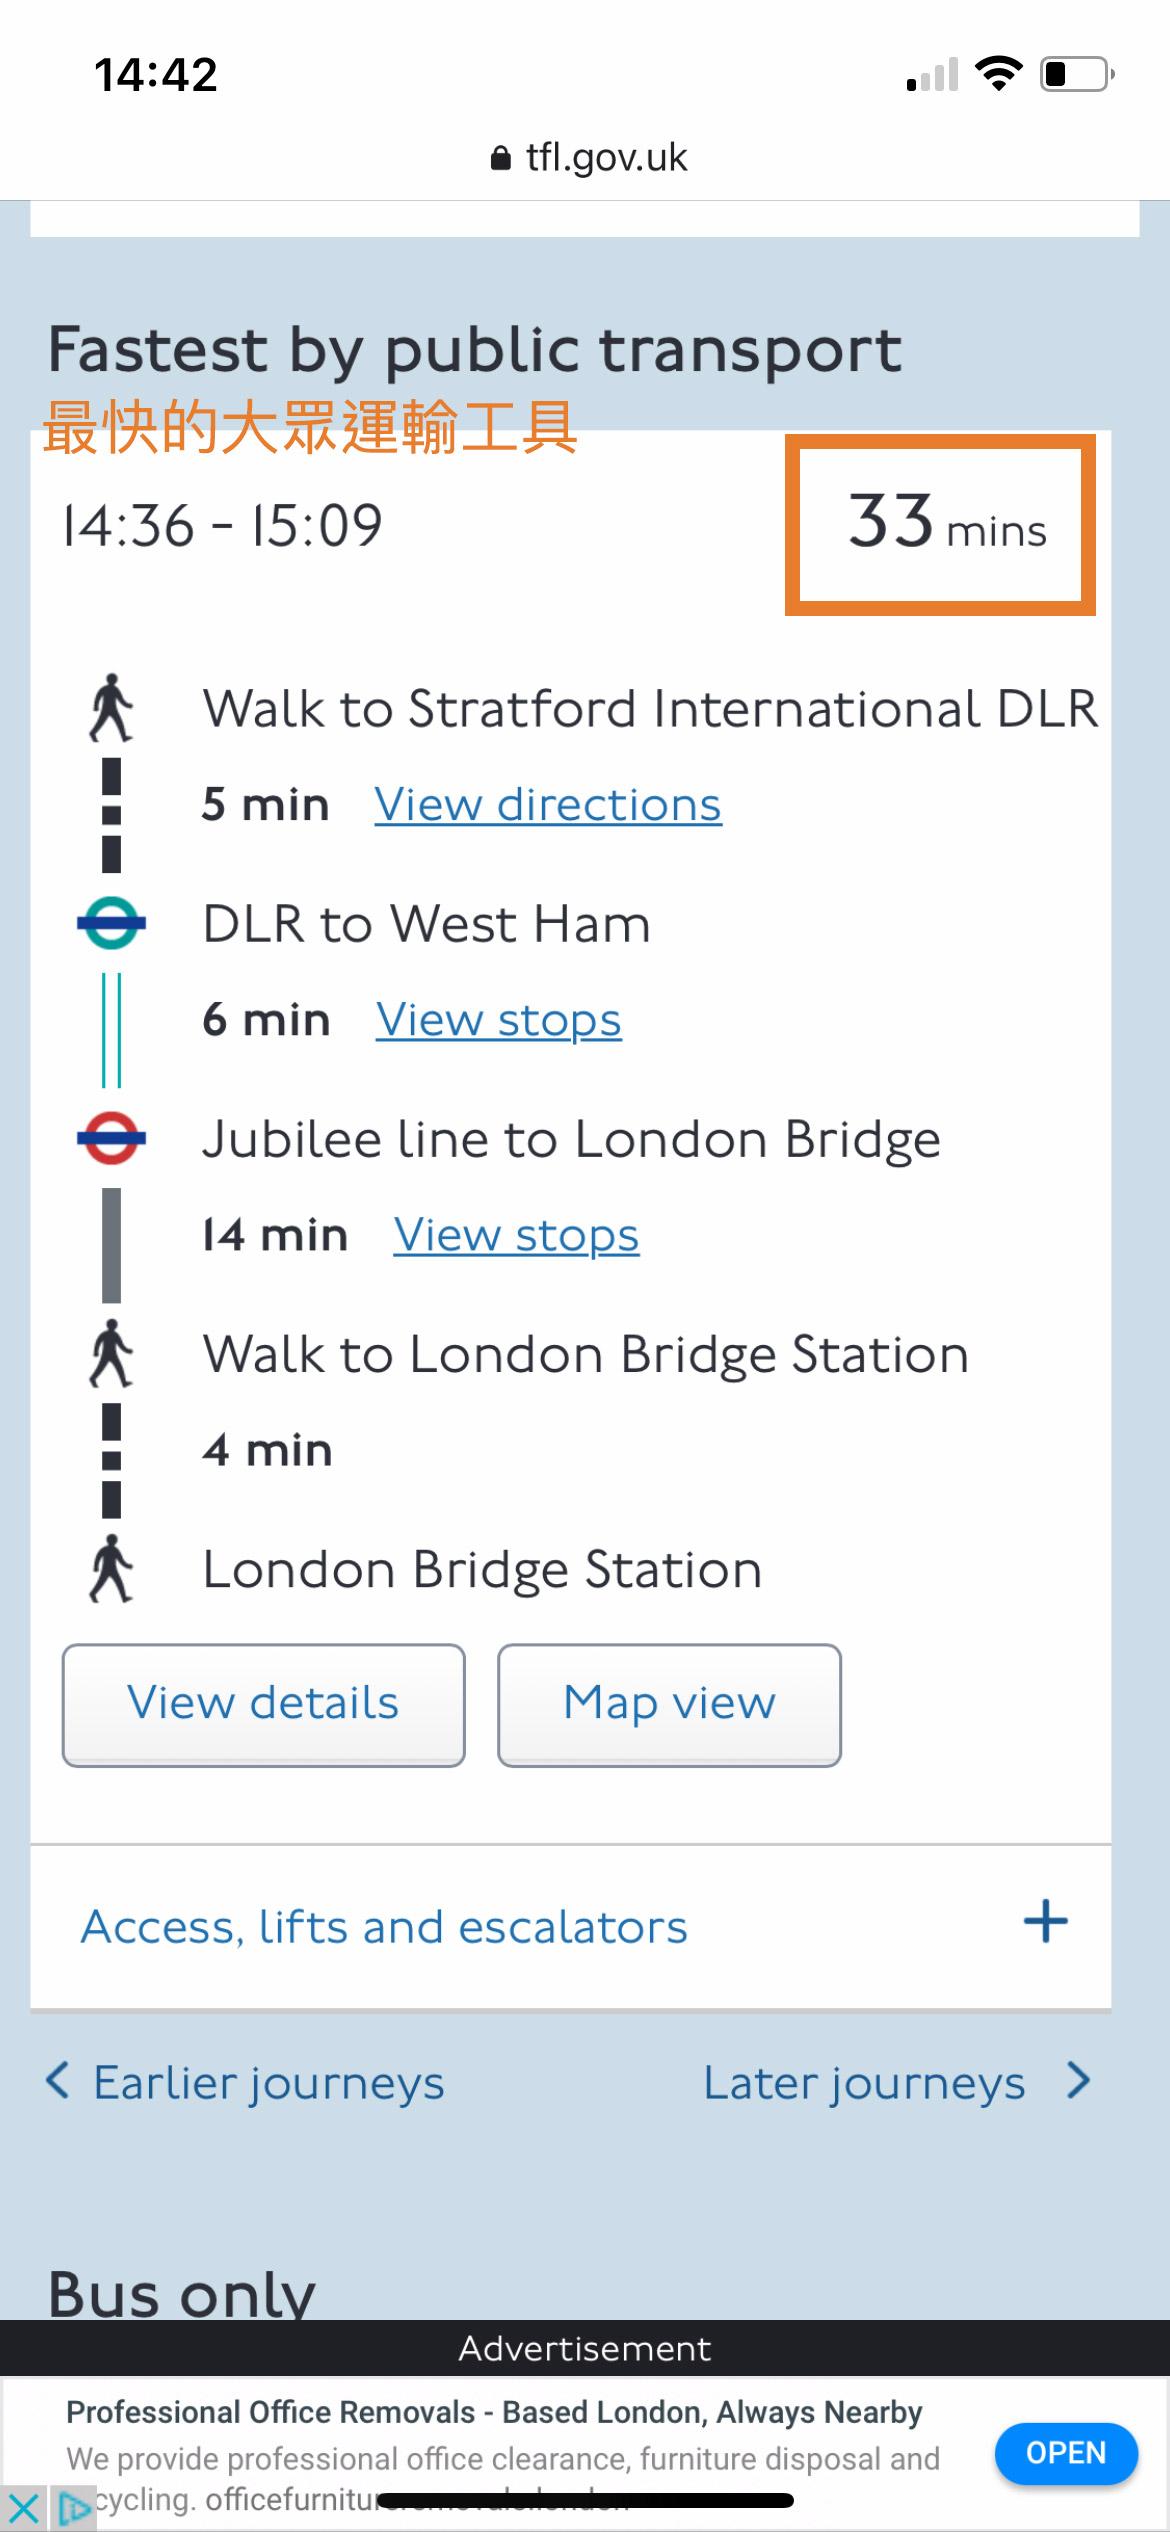 倫敦路線規劃:推薦使用plan-your-journey-web